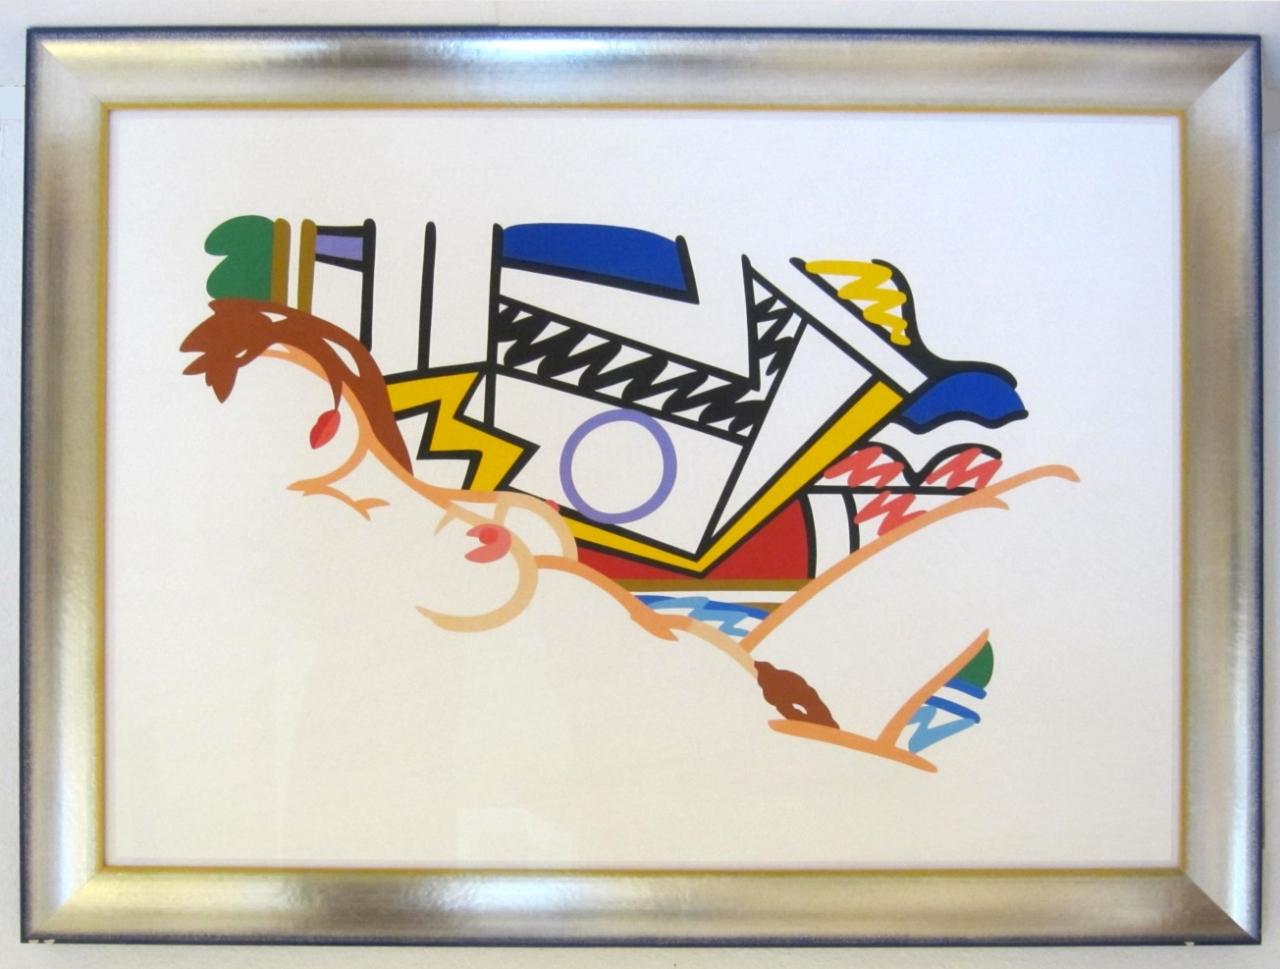 Monica with Lichtenstein